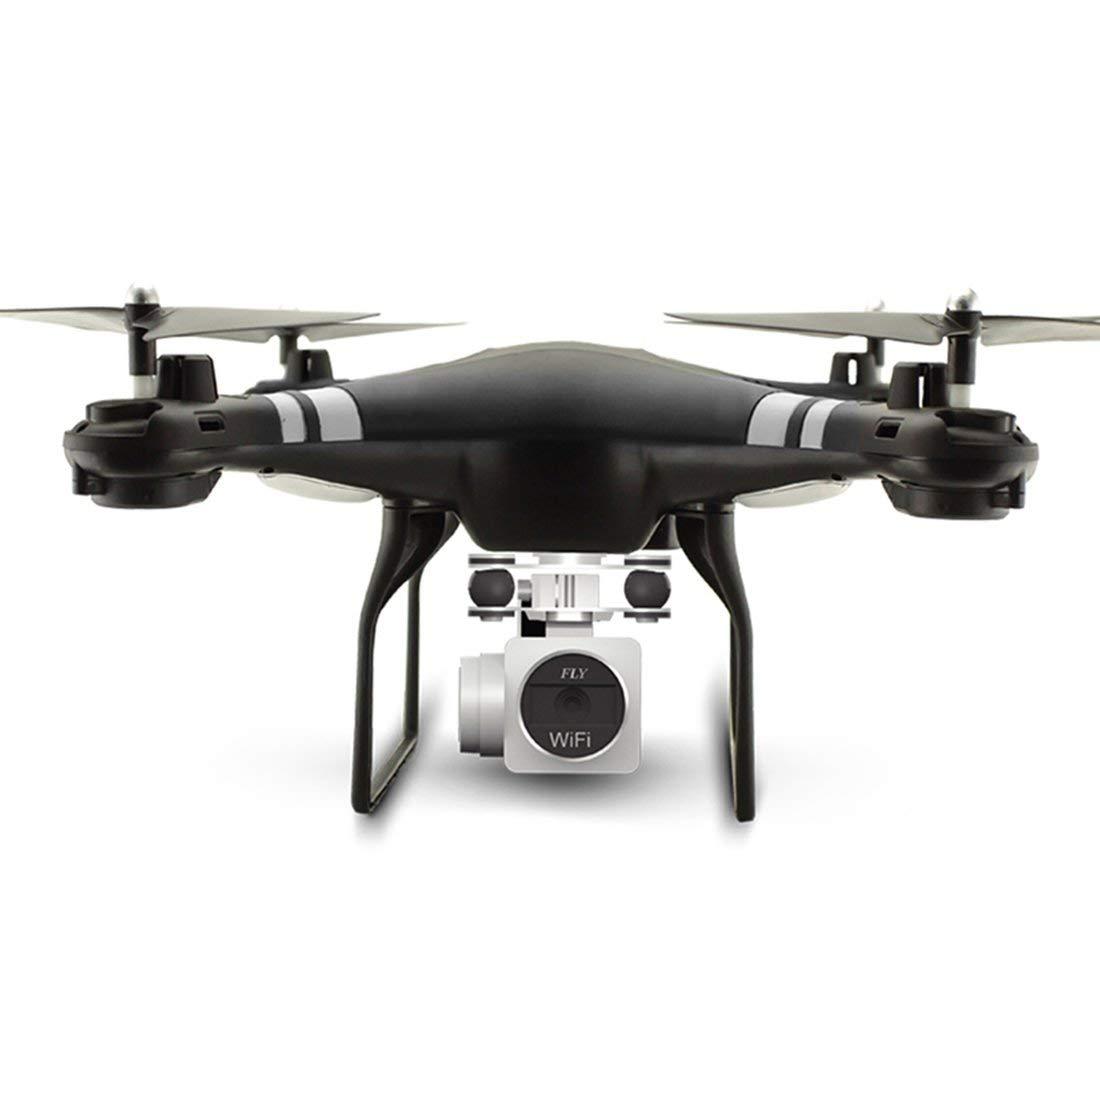 Formulaone X52HD-plus WiFi Bildübertragung Fernbedienung Elektrizitätsverstellung Flugzeug mit 1080P HD Weitwinkel-Kamera - schwarz